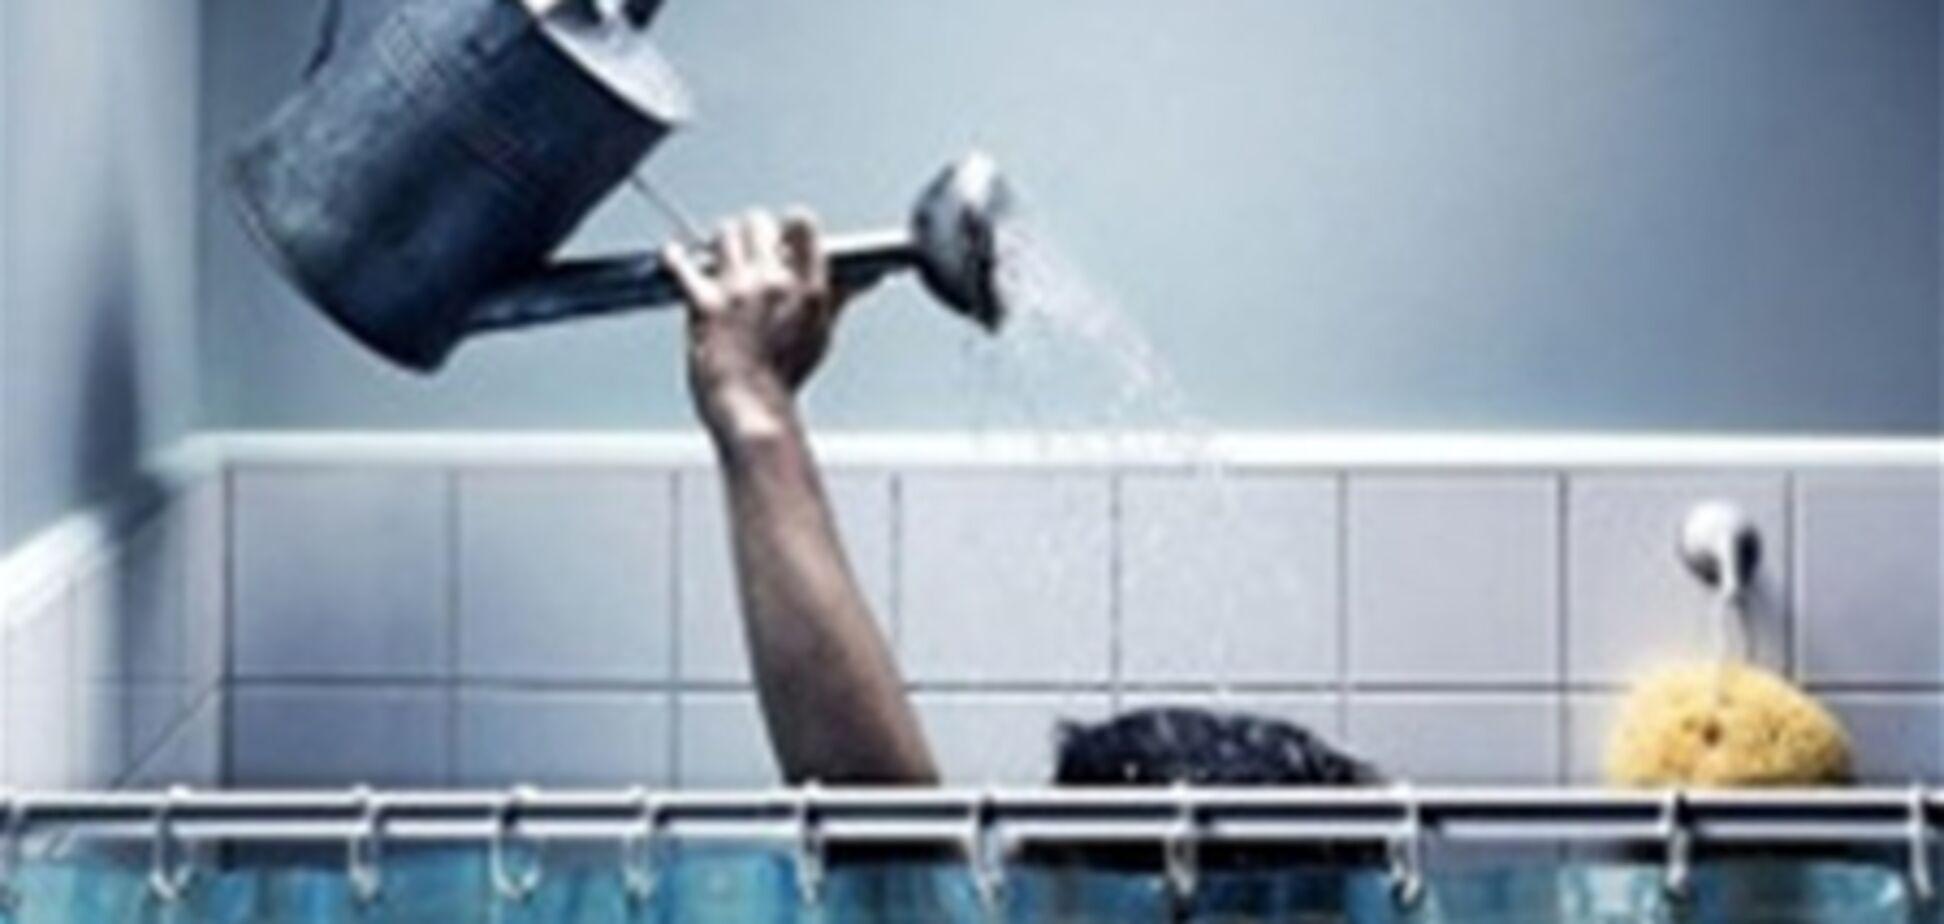 Жителів Мінська просять прати по 5 кг білизни за раз і не приймати ванну